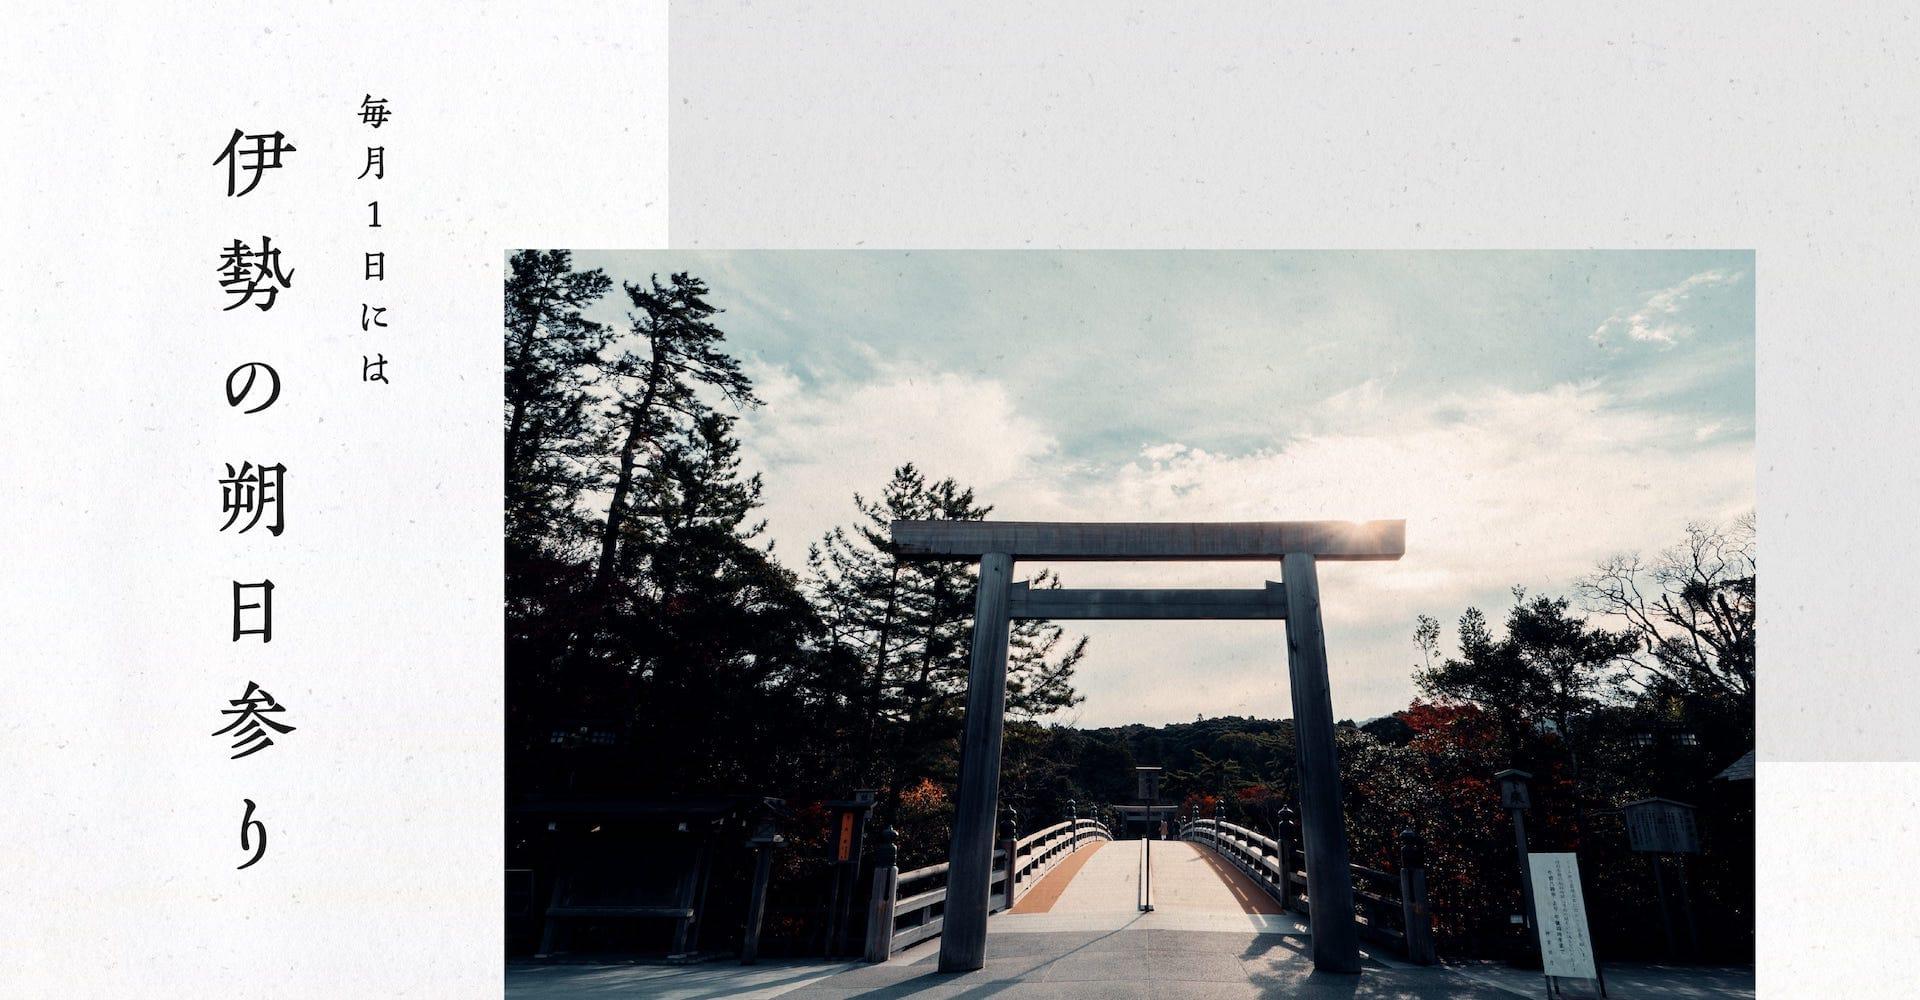 伊勢の朔日(ついたち)参り